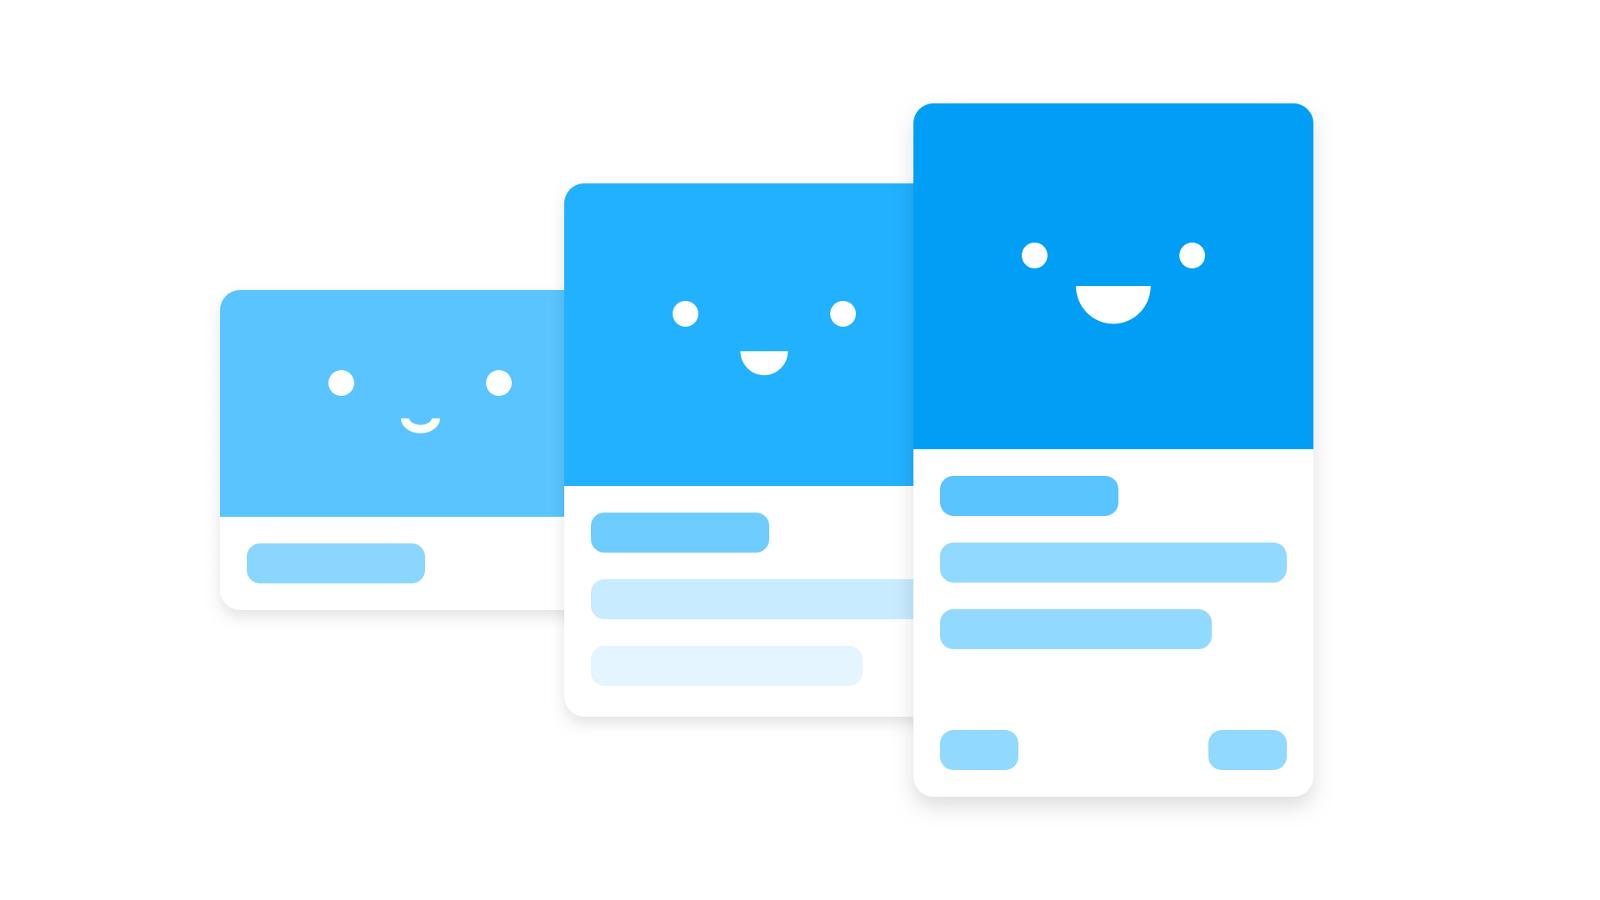 Как сделать хорошую UI-анимацию отличной